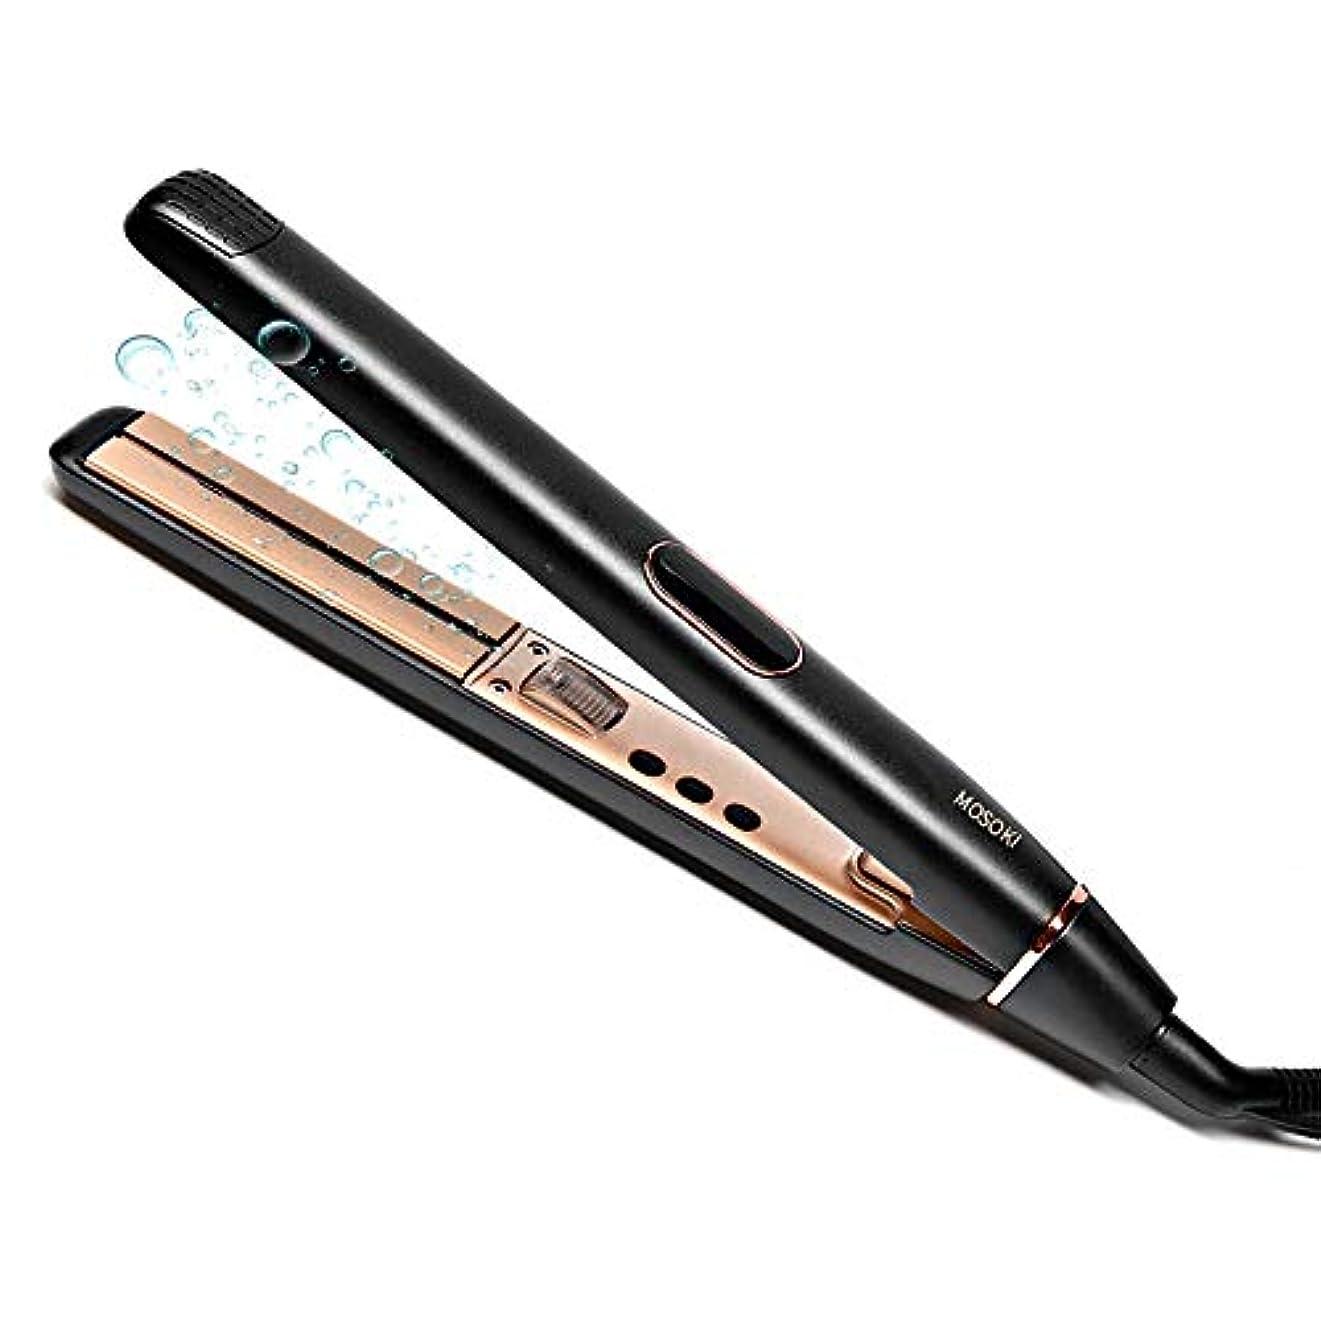 鷹マウスおそらくヘアアイロン ストレート カール 両用 ダブルマイナスイオン 100-230℃ 温度調節 LCDディスプレイ 自動OFF 海外対応 プロ仕様 (ブラック)